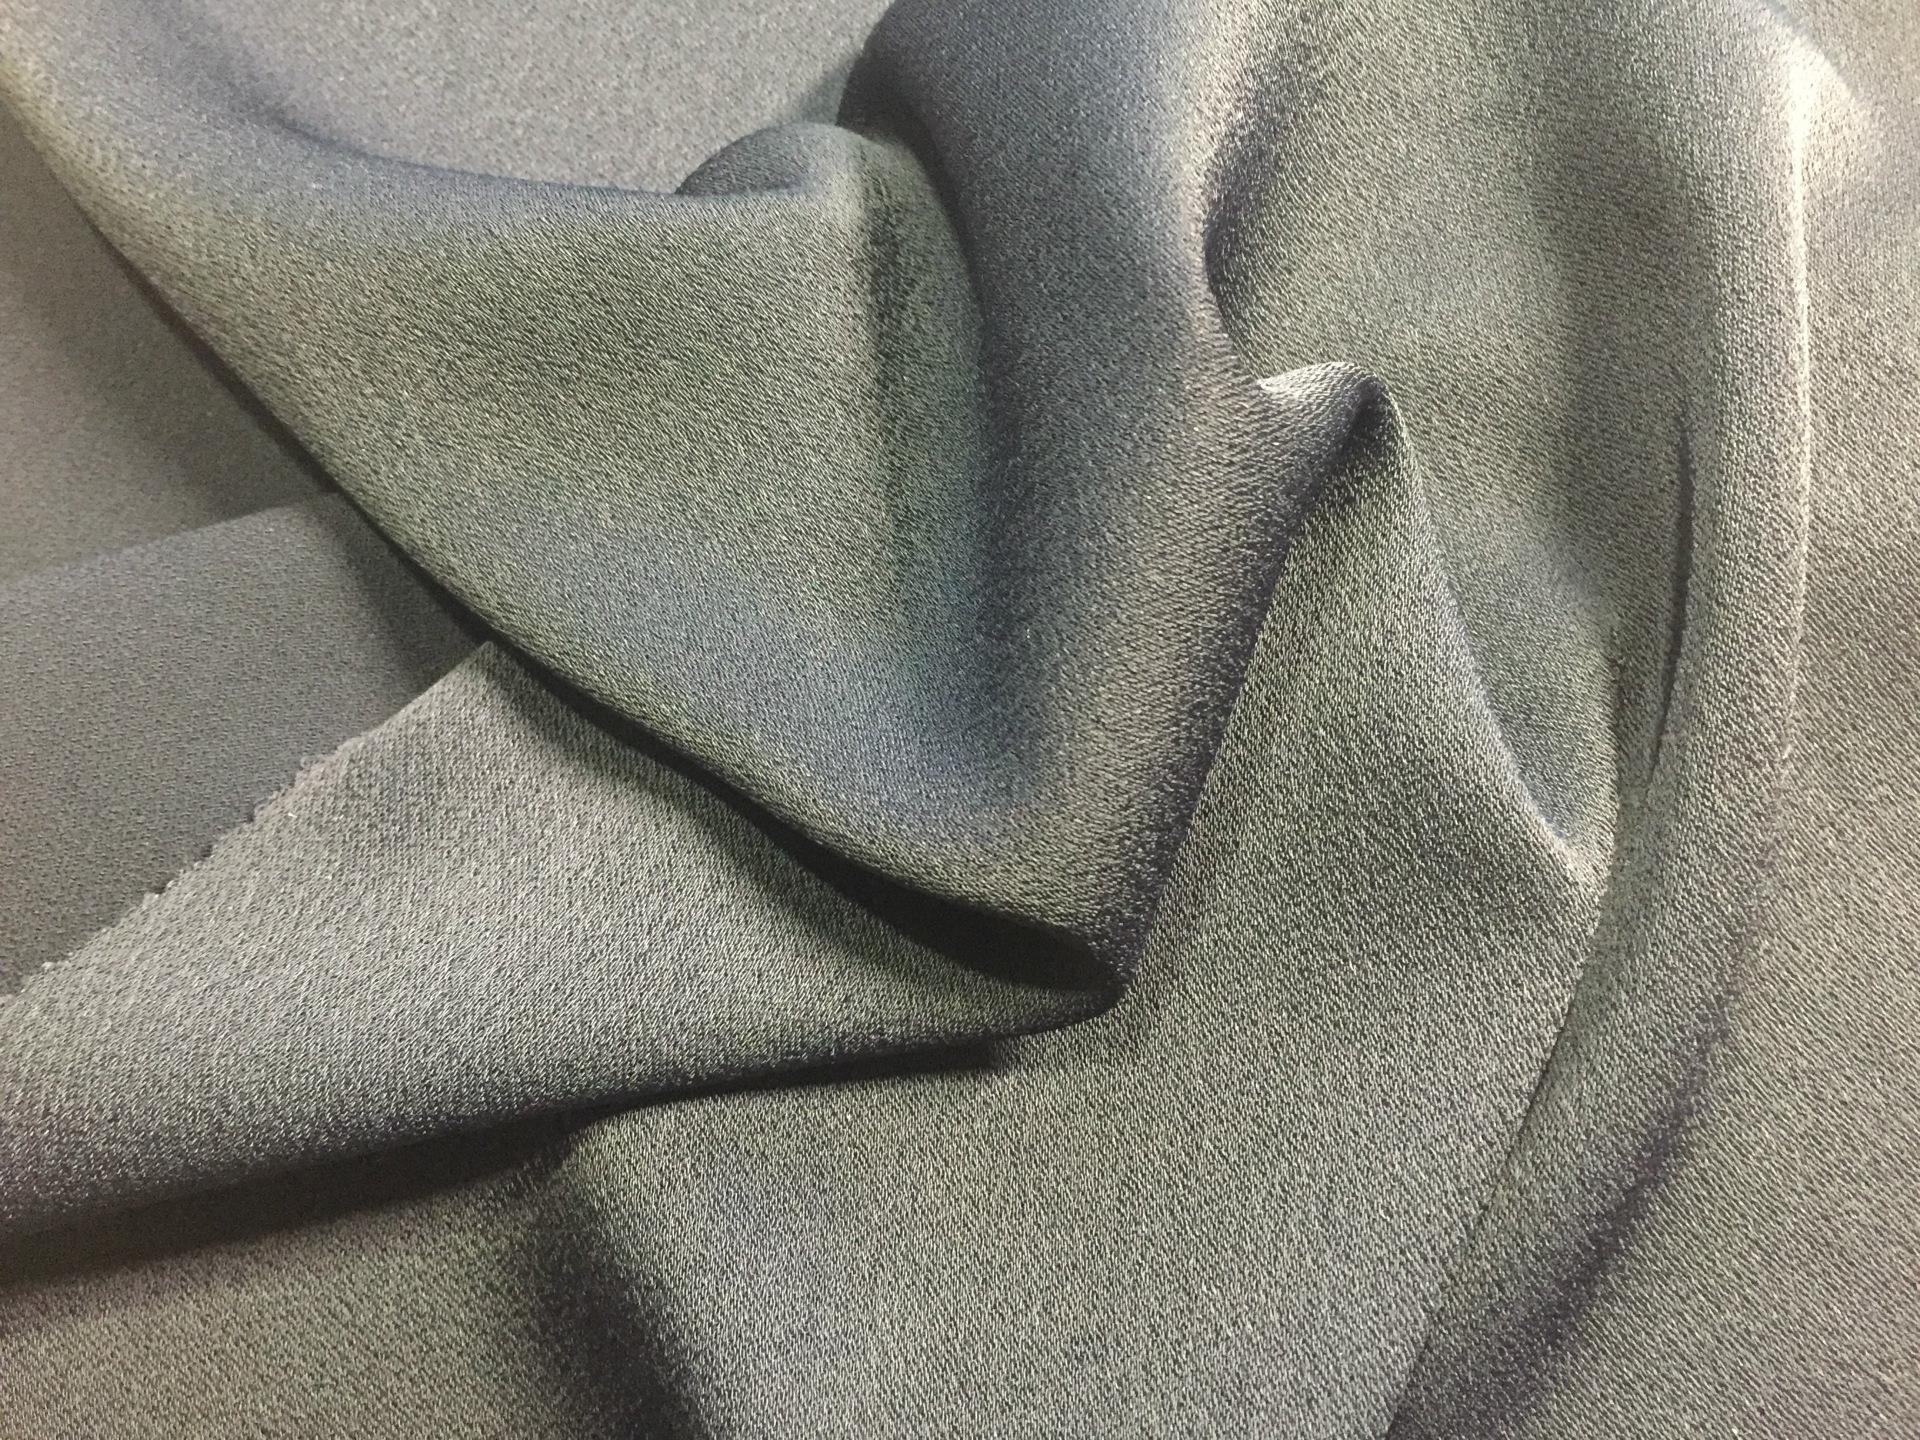 Vải Hemp mộc 100d + 180d * 180dCEY vải lanh một mặt và thành phẩm